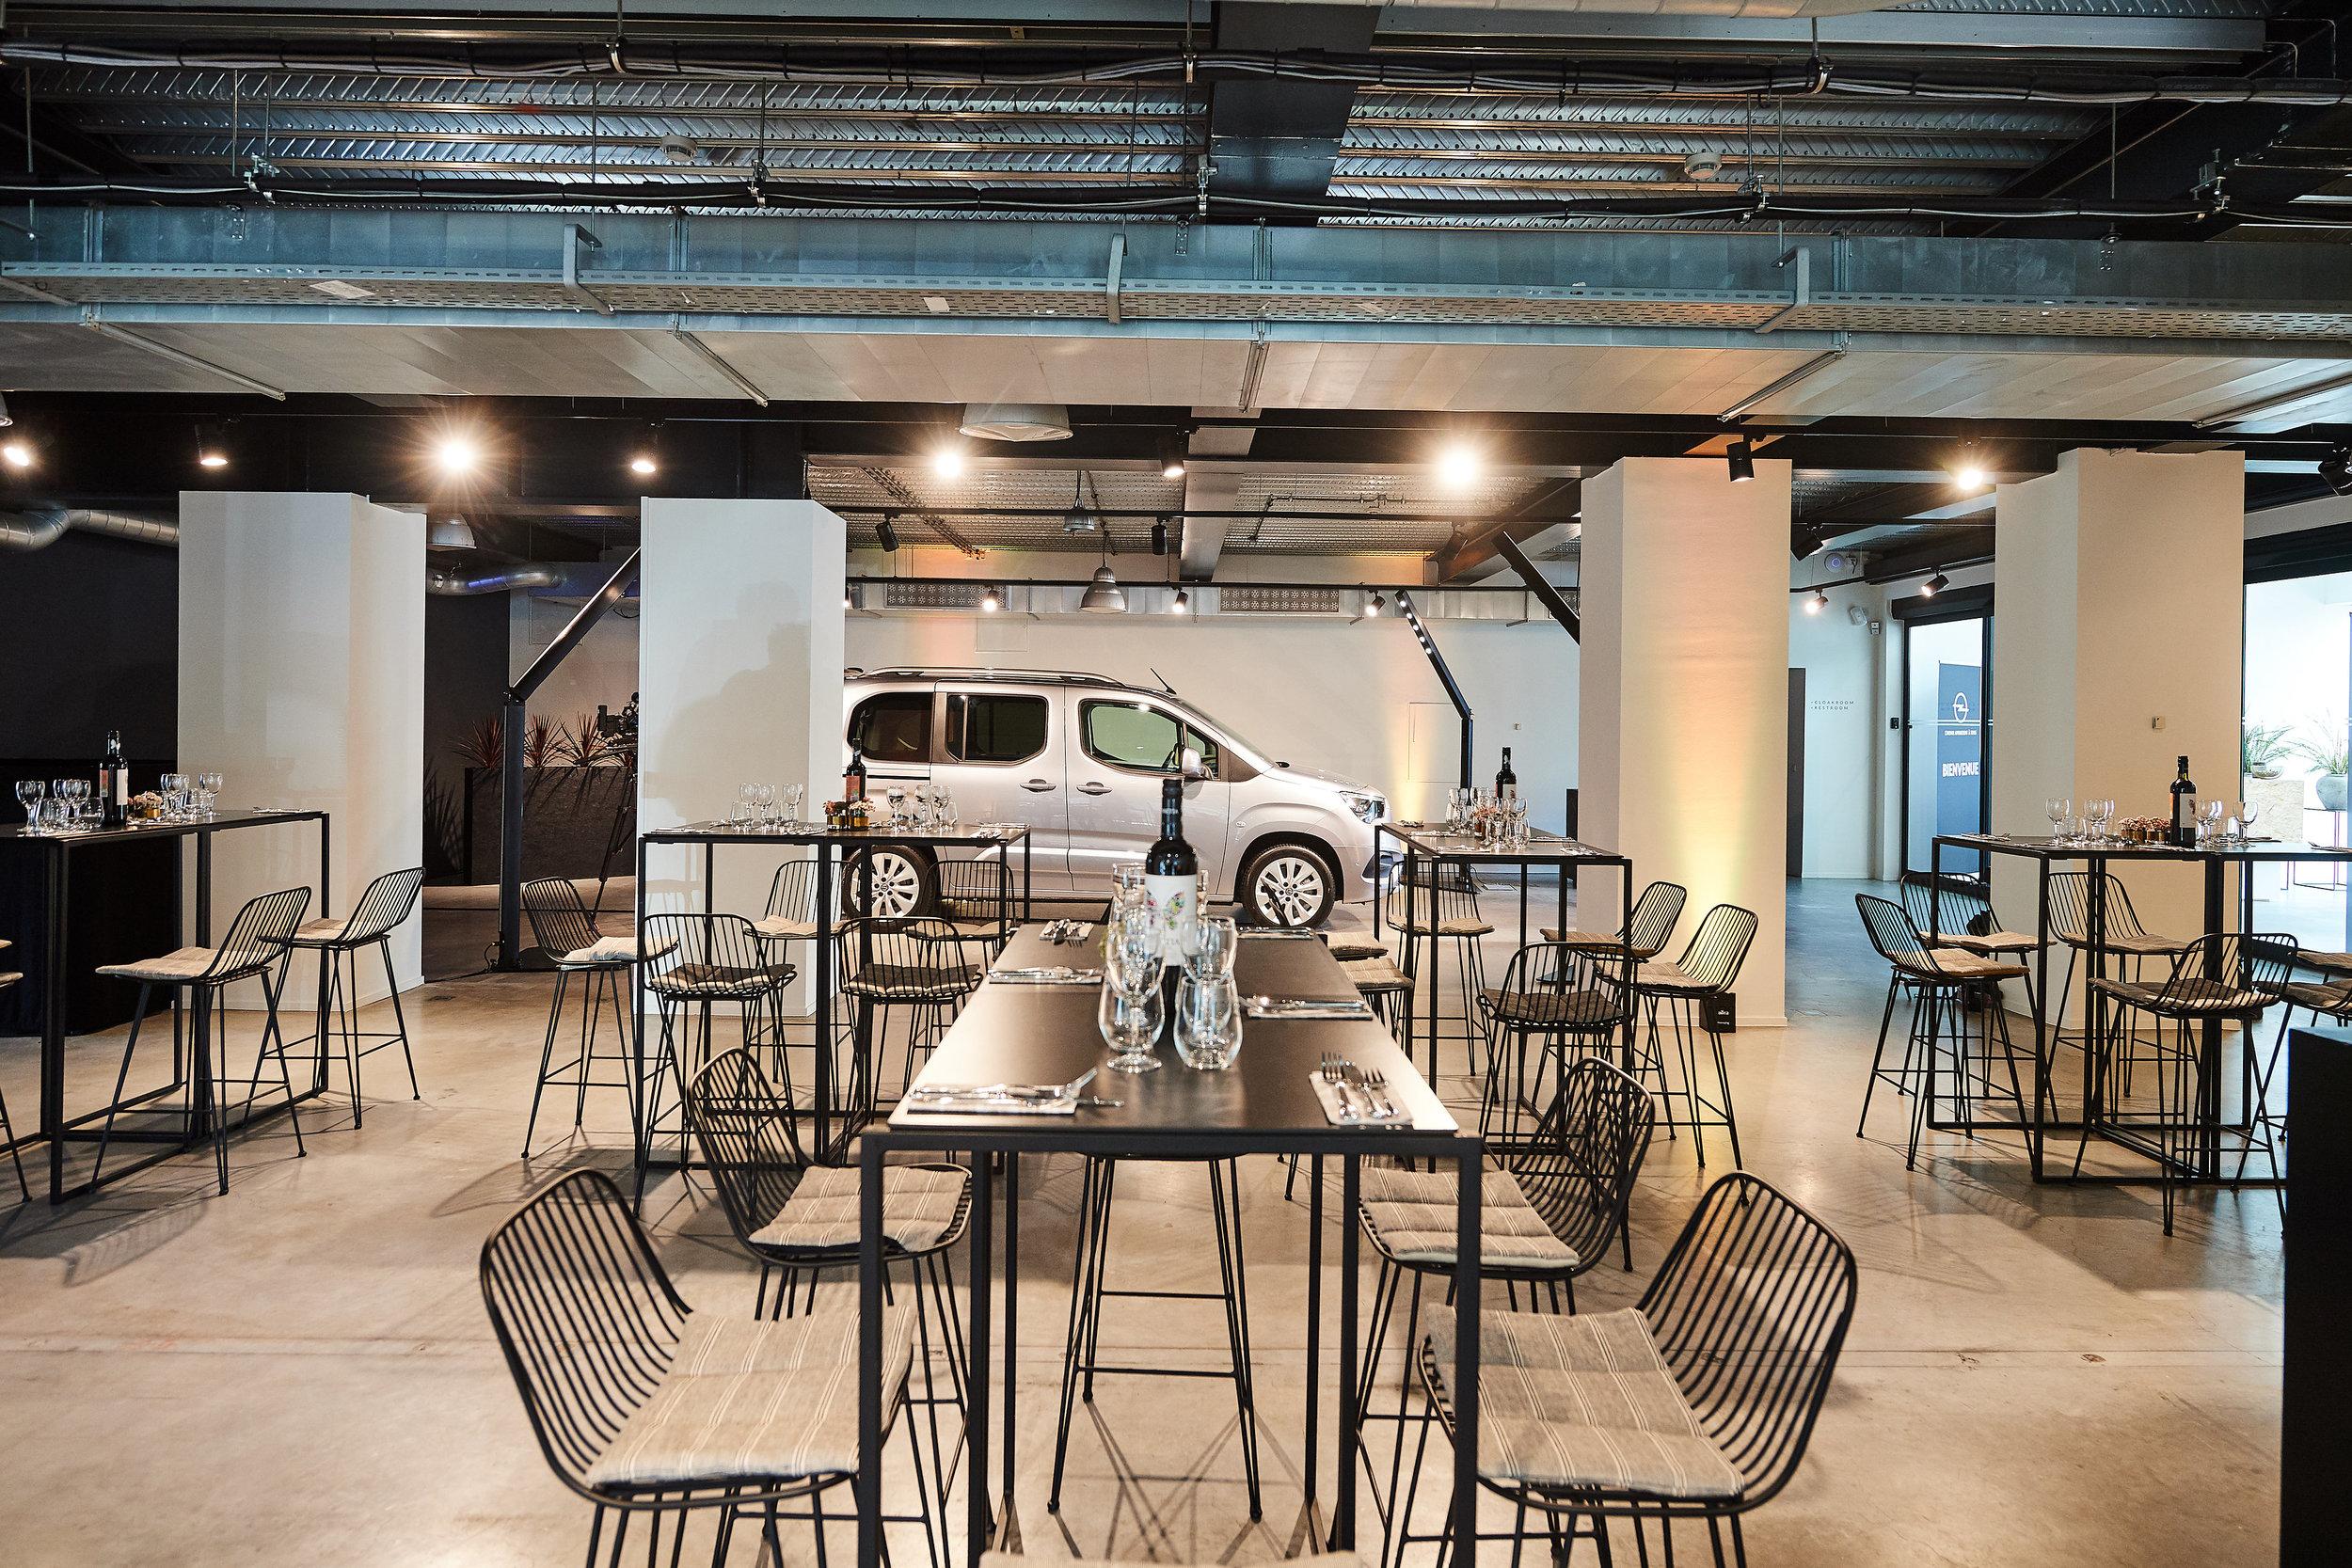 Ground floor - Soie - Car presentation